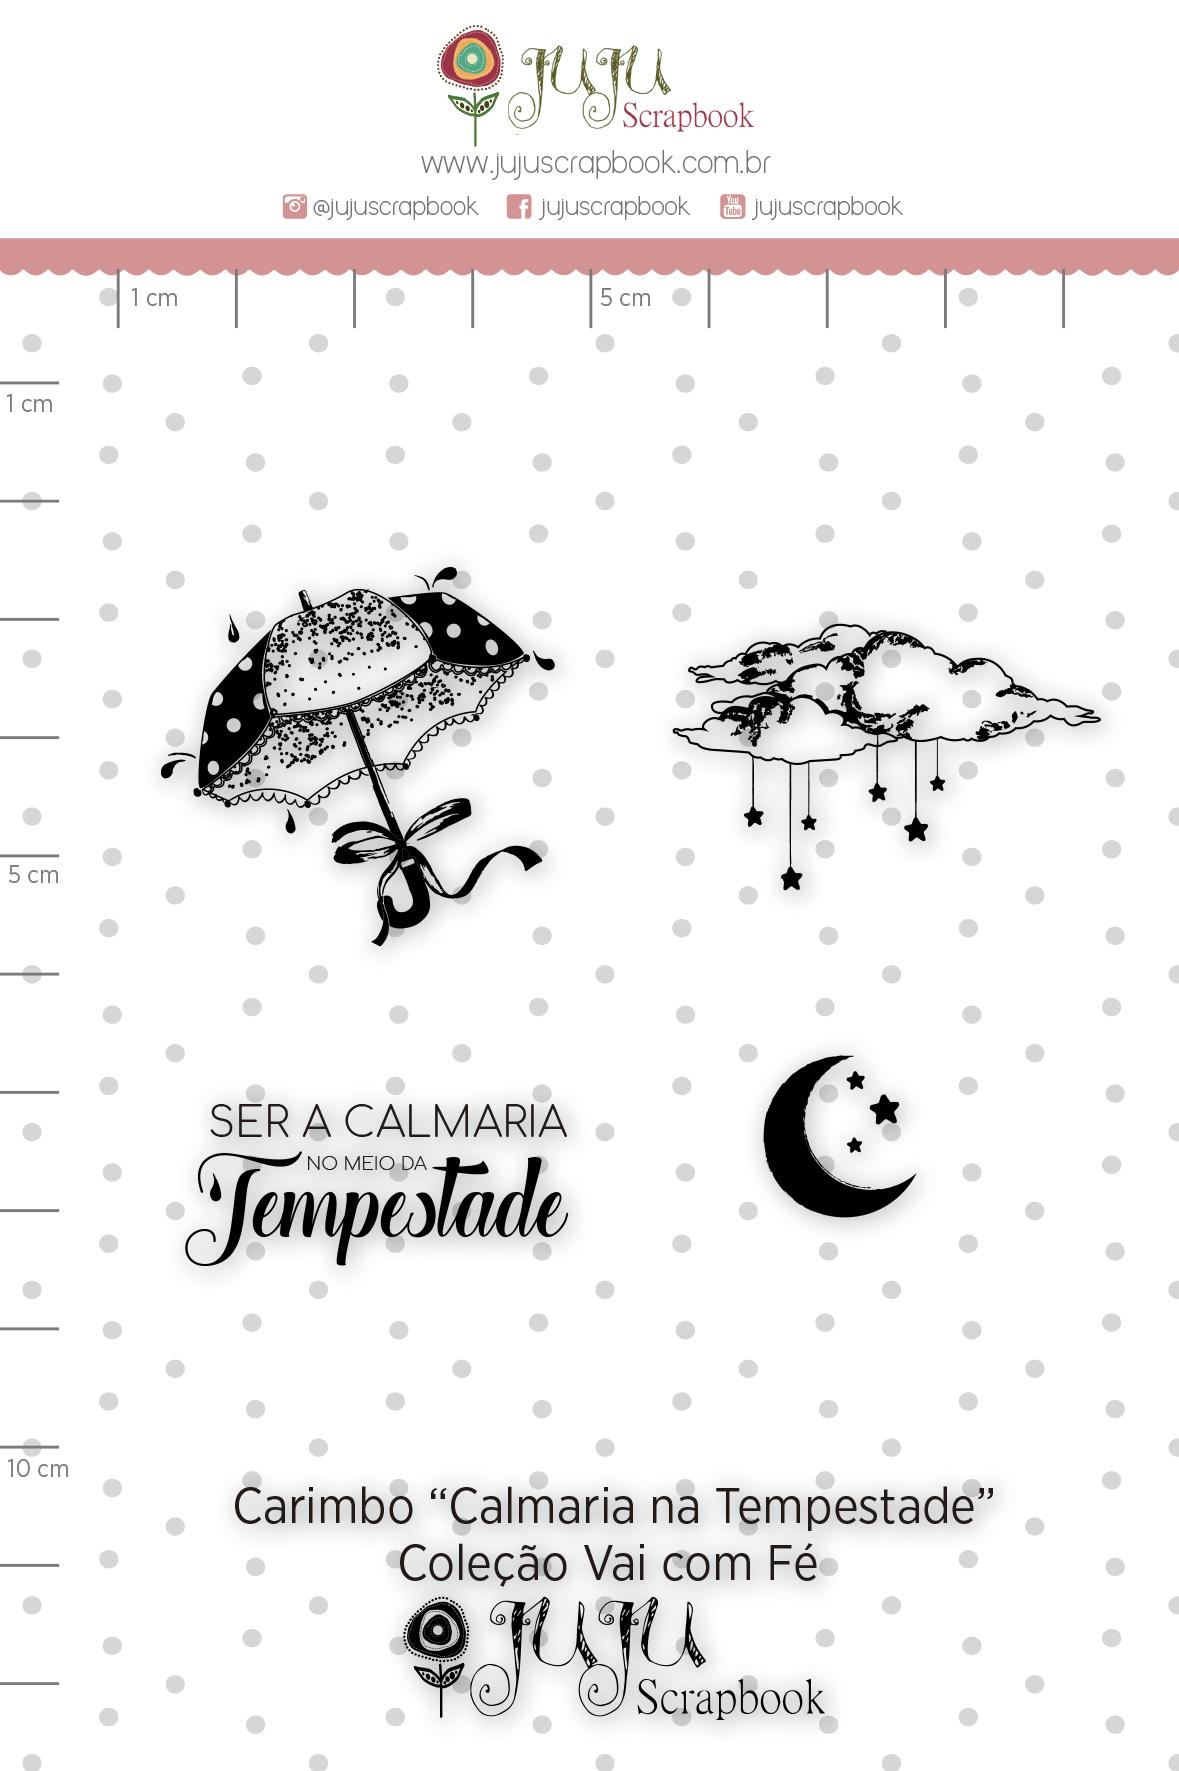 Carimbo M Calmaria na Tempestade - Coleção Vai com Fé - JuJu Scrapbook  - JuJu Scrapbook